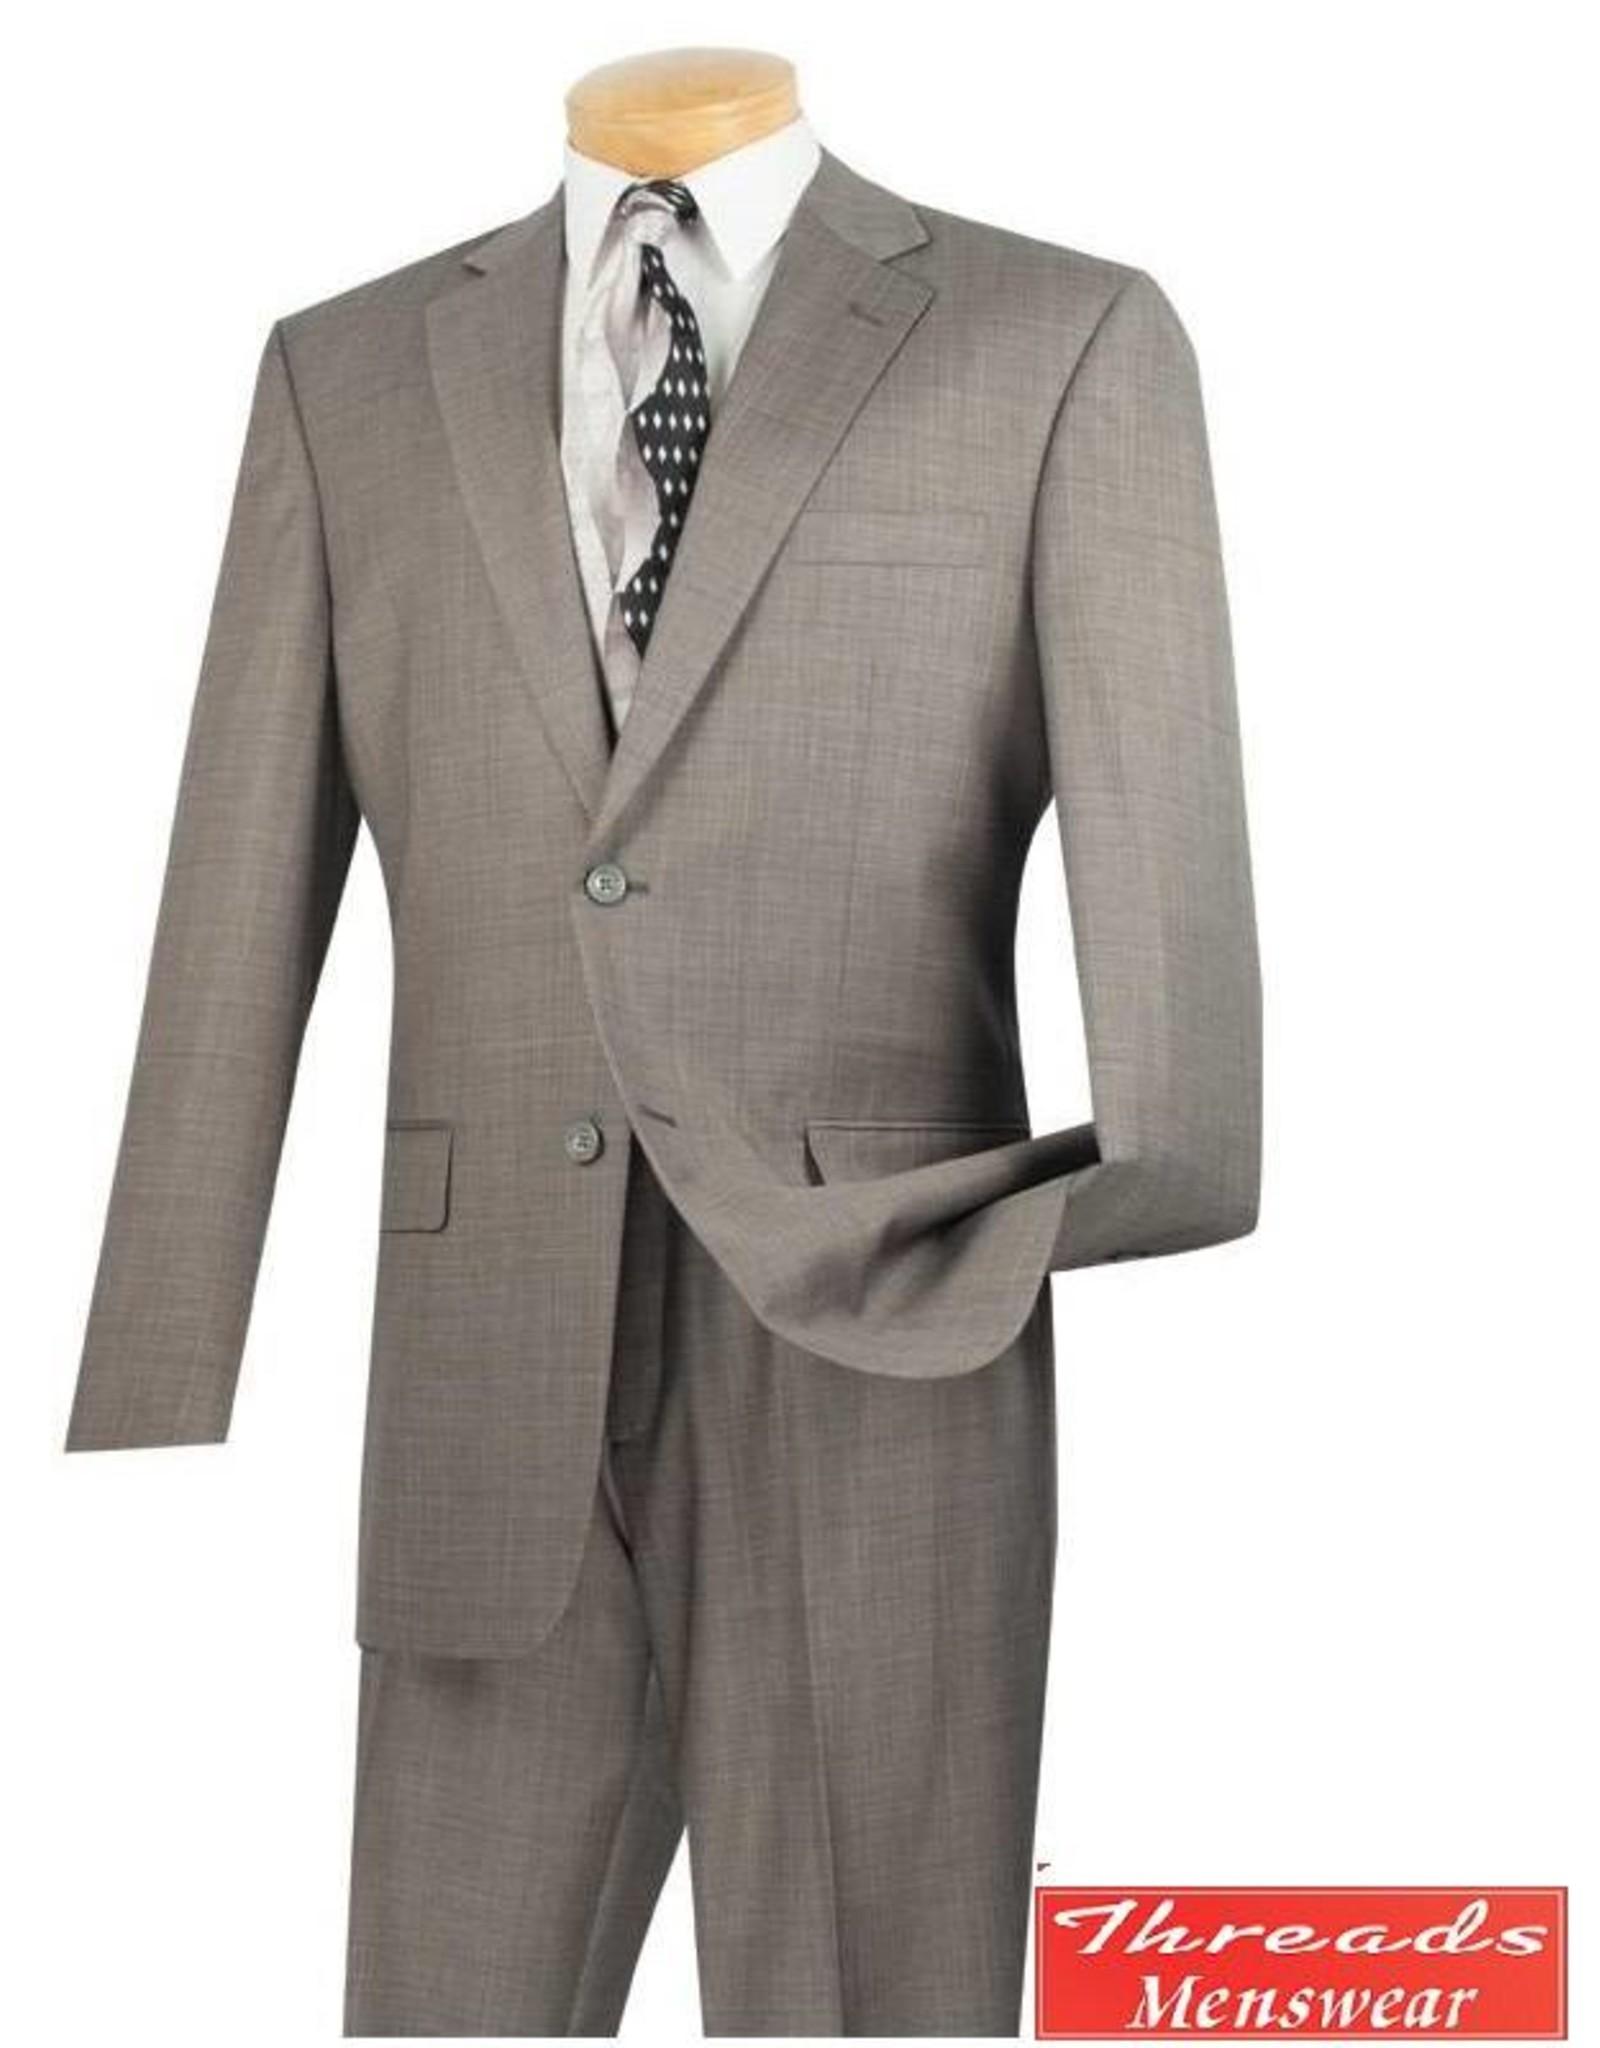 Vinci Vinci Suit 2LK-1 Gray